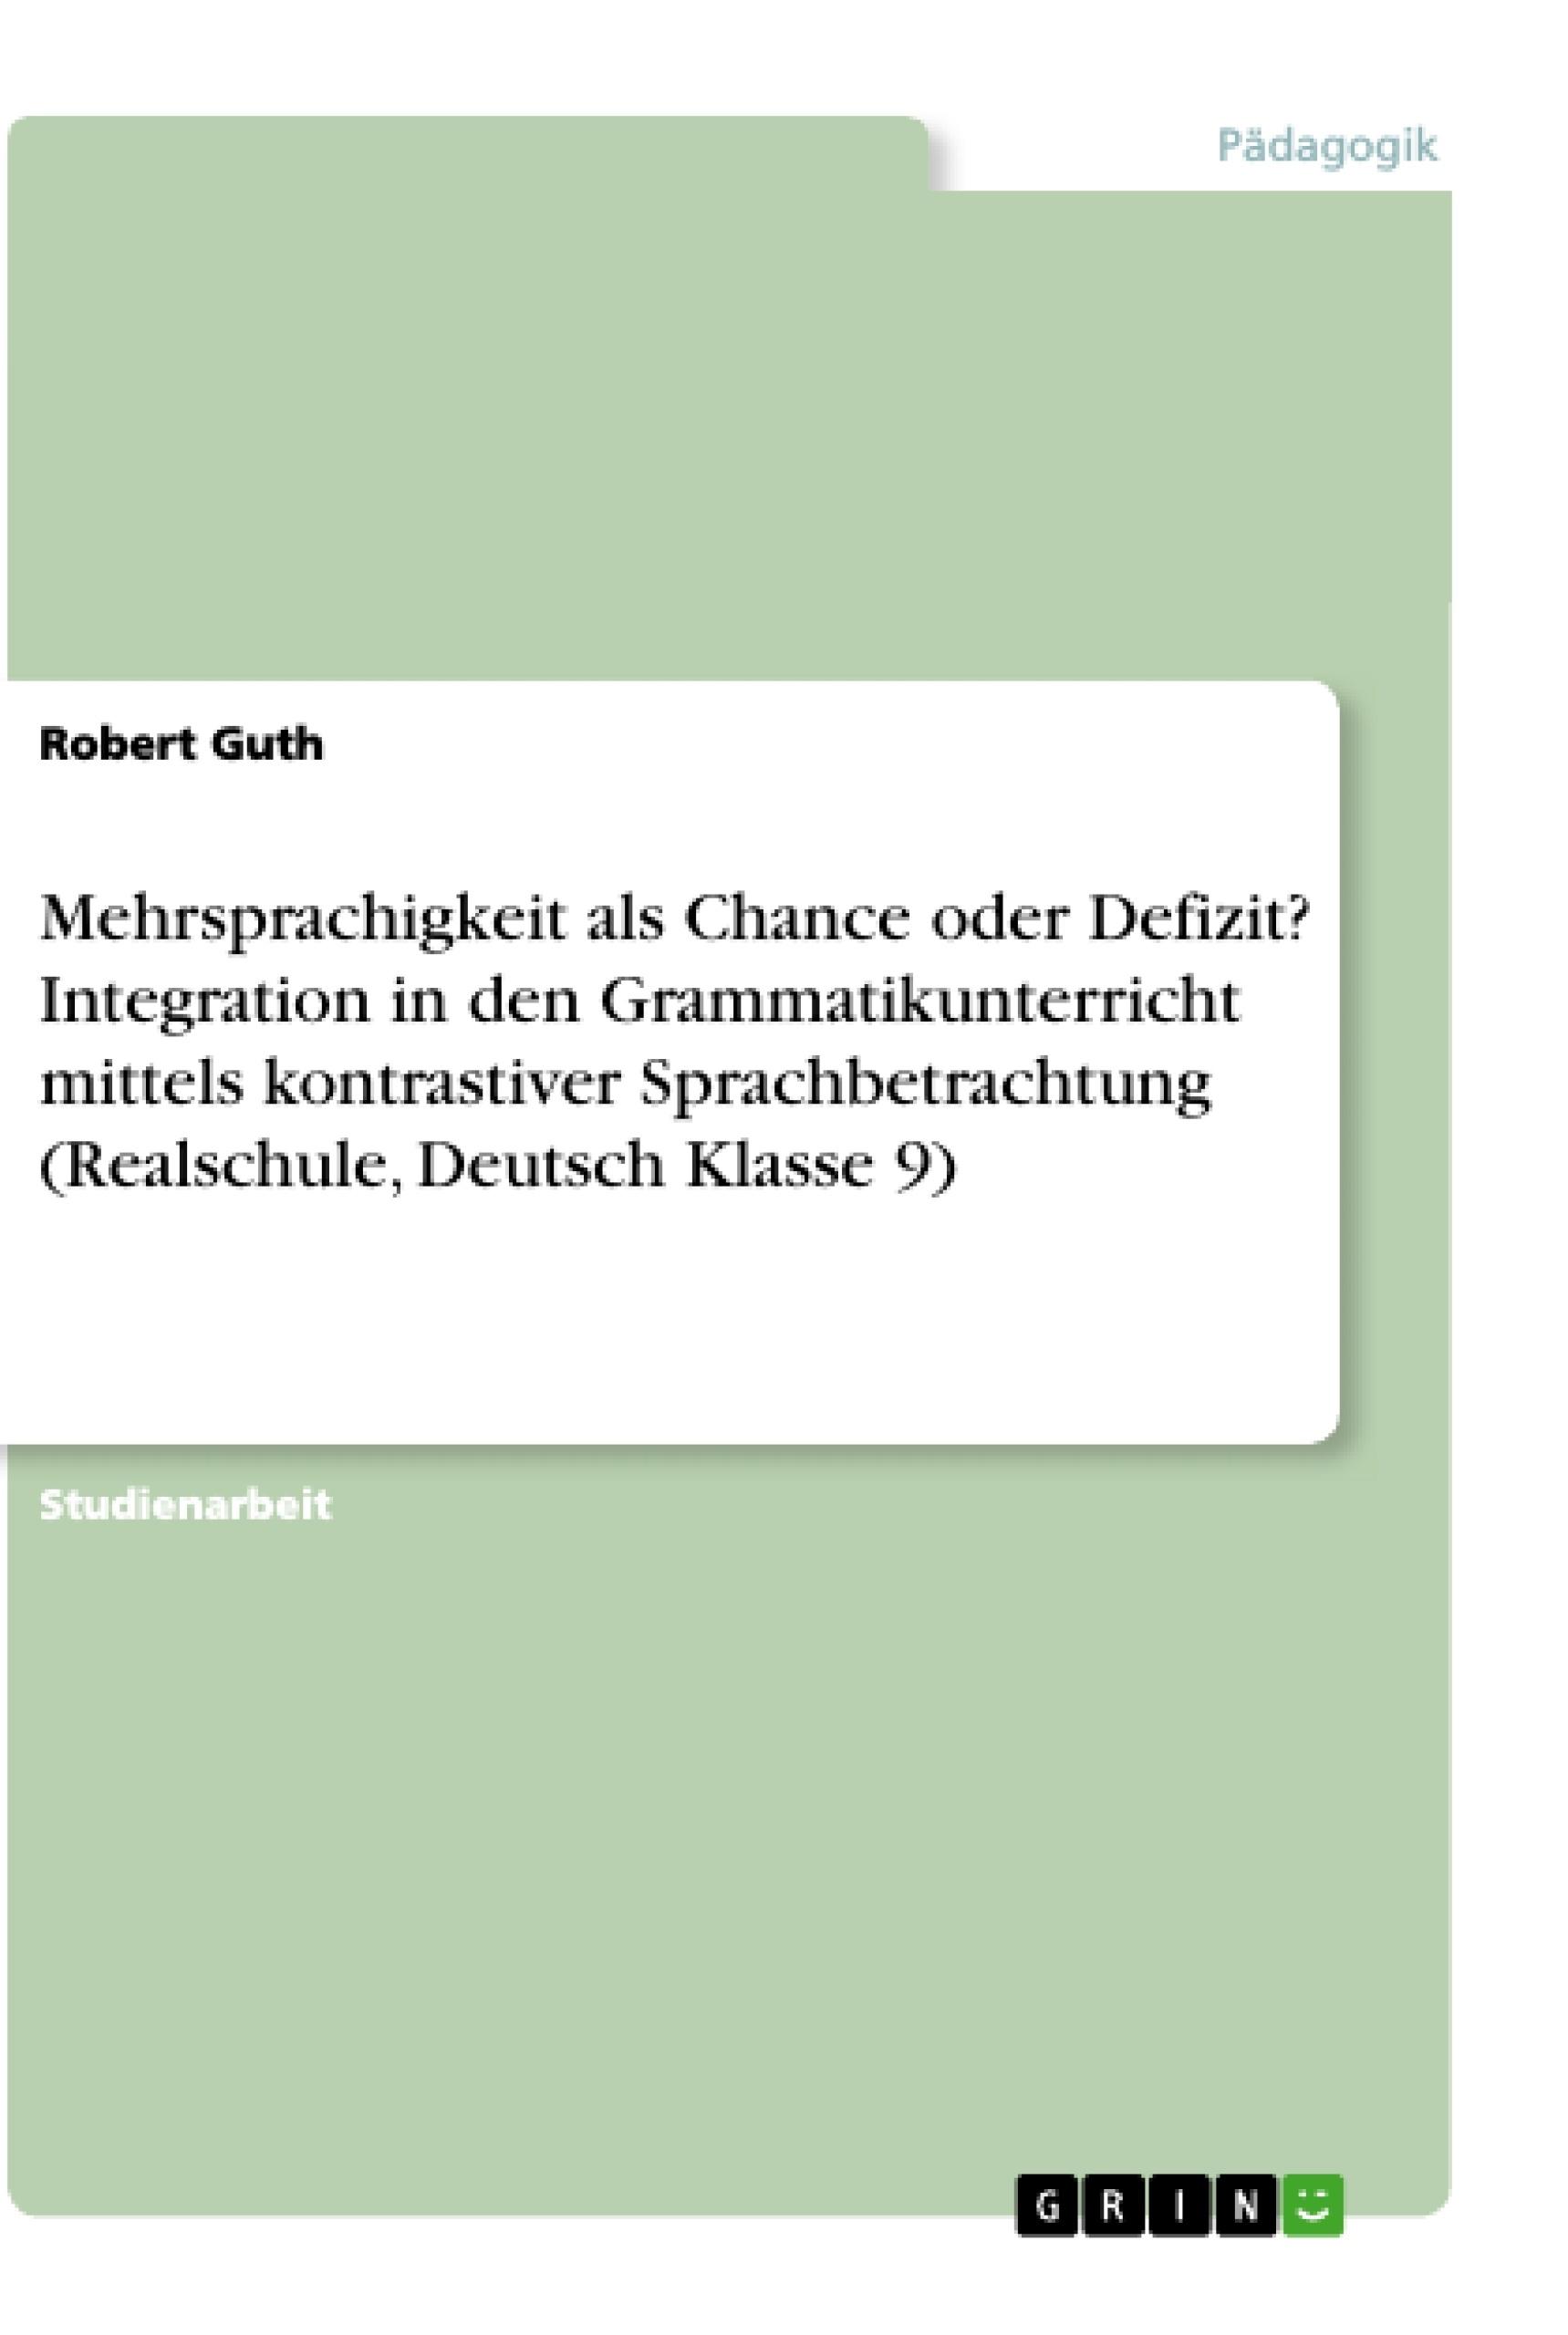 Titel: Mehrsprachigkeit als Chance oder Defizit? Integration in den Grammatikunterricht mittels kontrastiver Sprachbetrachtung (Realschule, Deutsch Klasse 9)